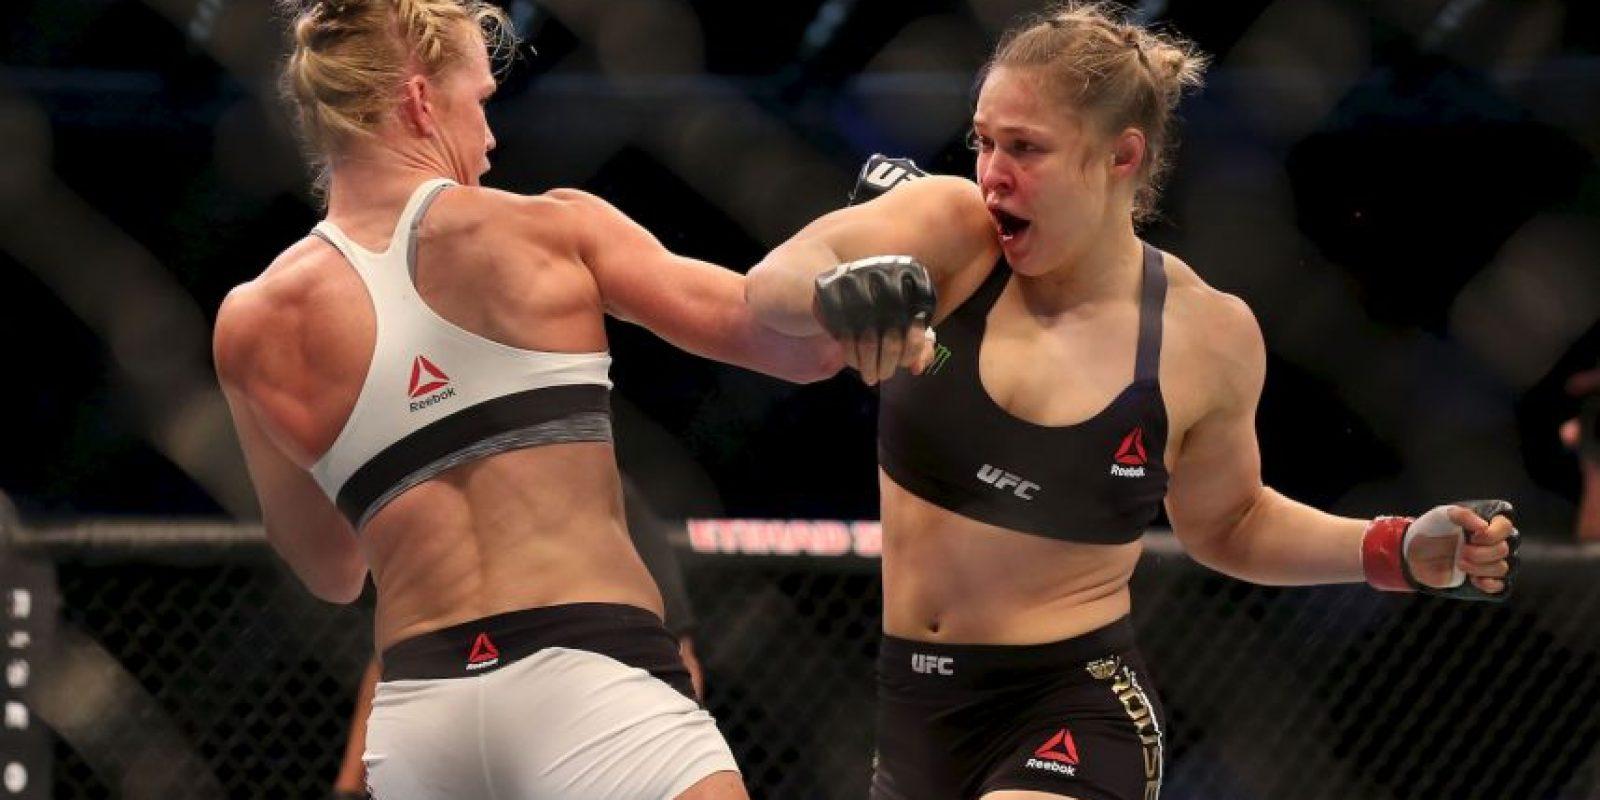 Ronda Rousey perdió el Campeonato Peso Gallo Femenino de la UFC contra Holly Holm Foto:Getty Images